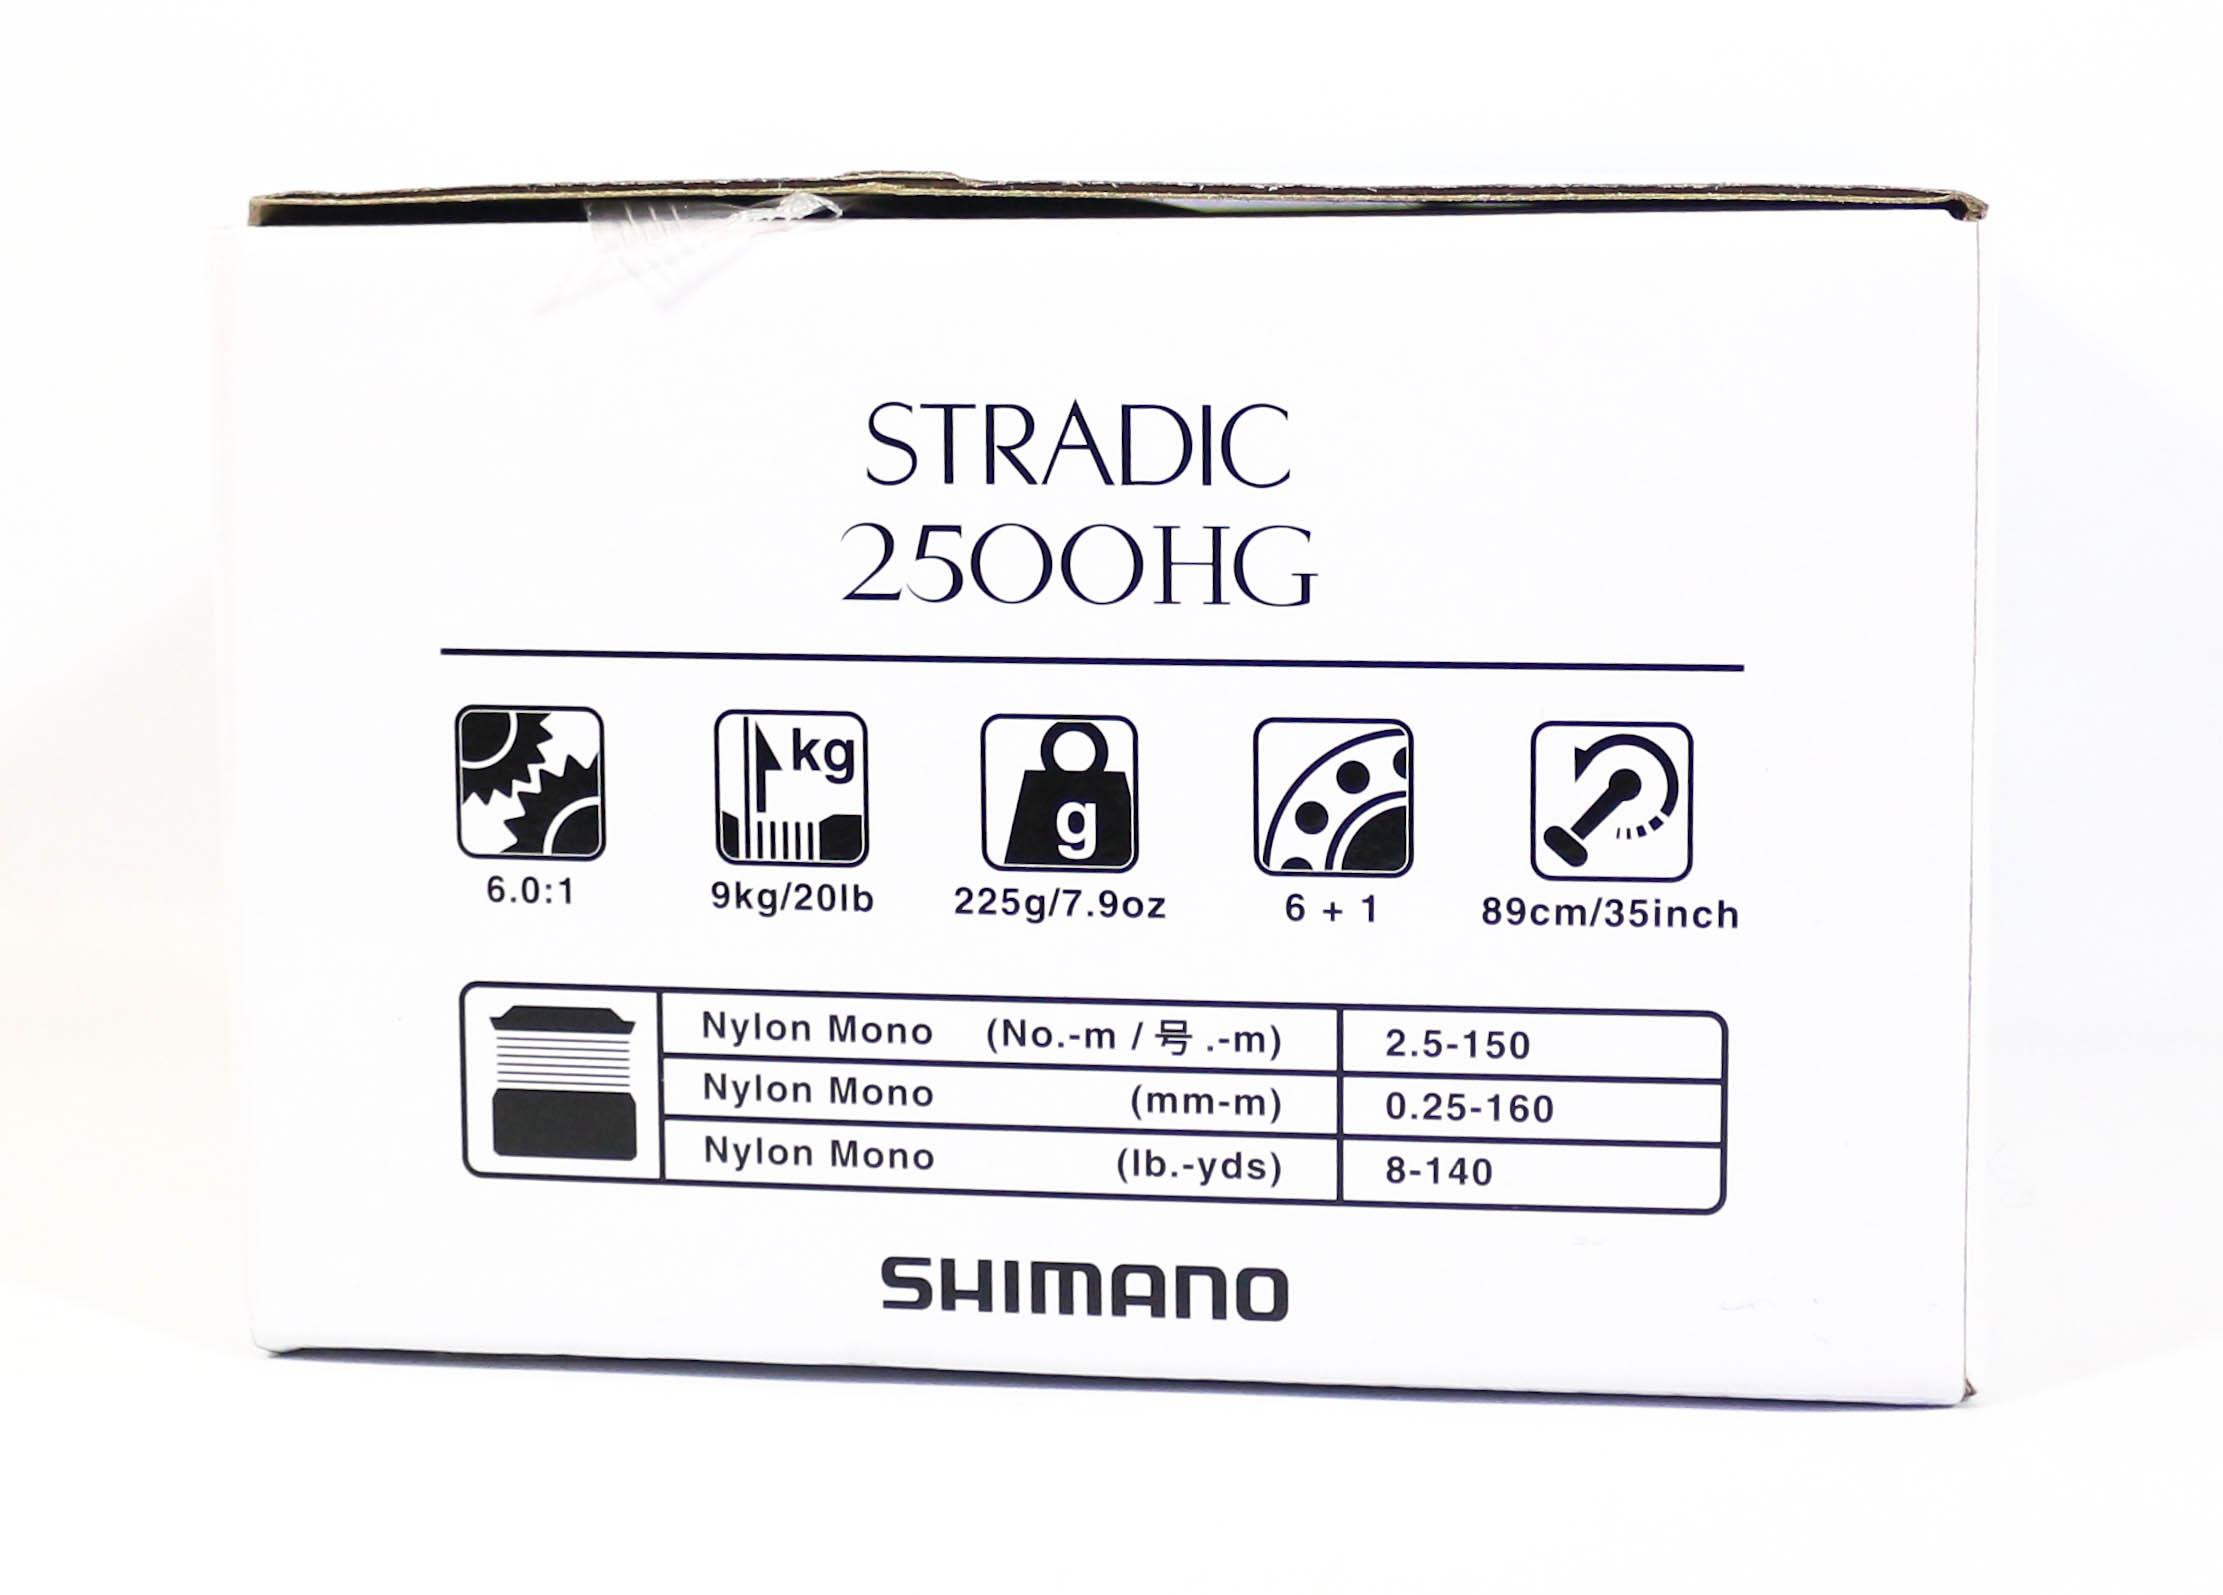 Shimano Reel Spinning Stradic 2500HG ST-2500HGFL (0759)